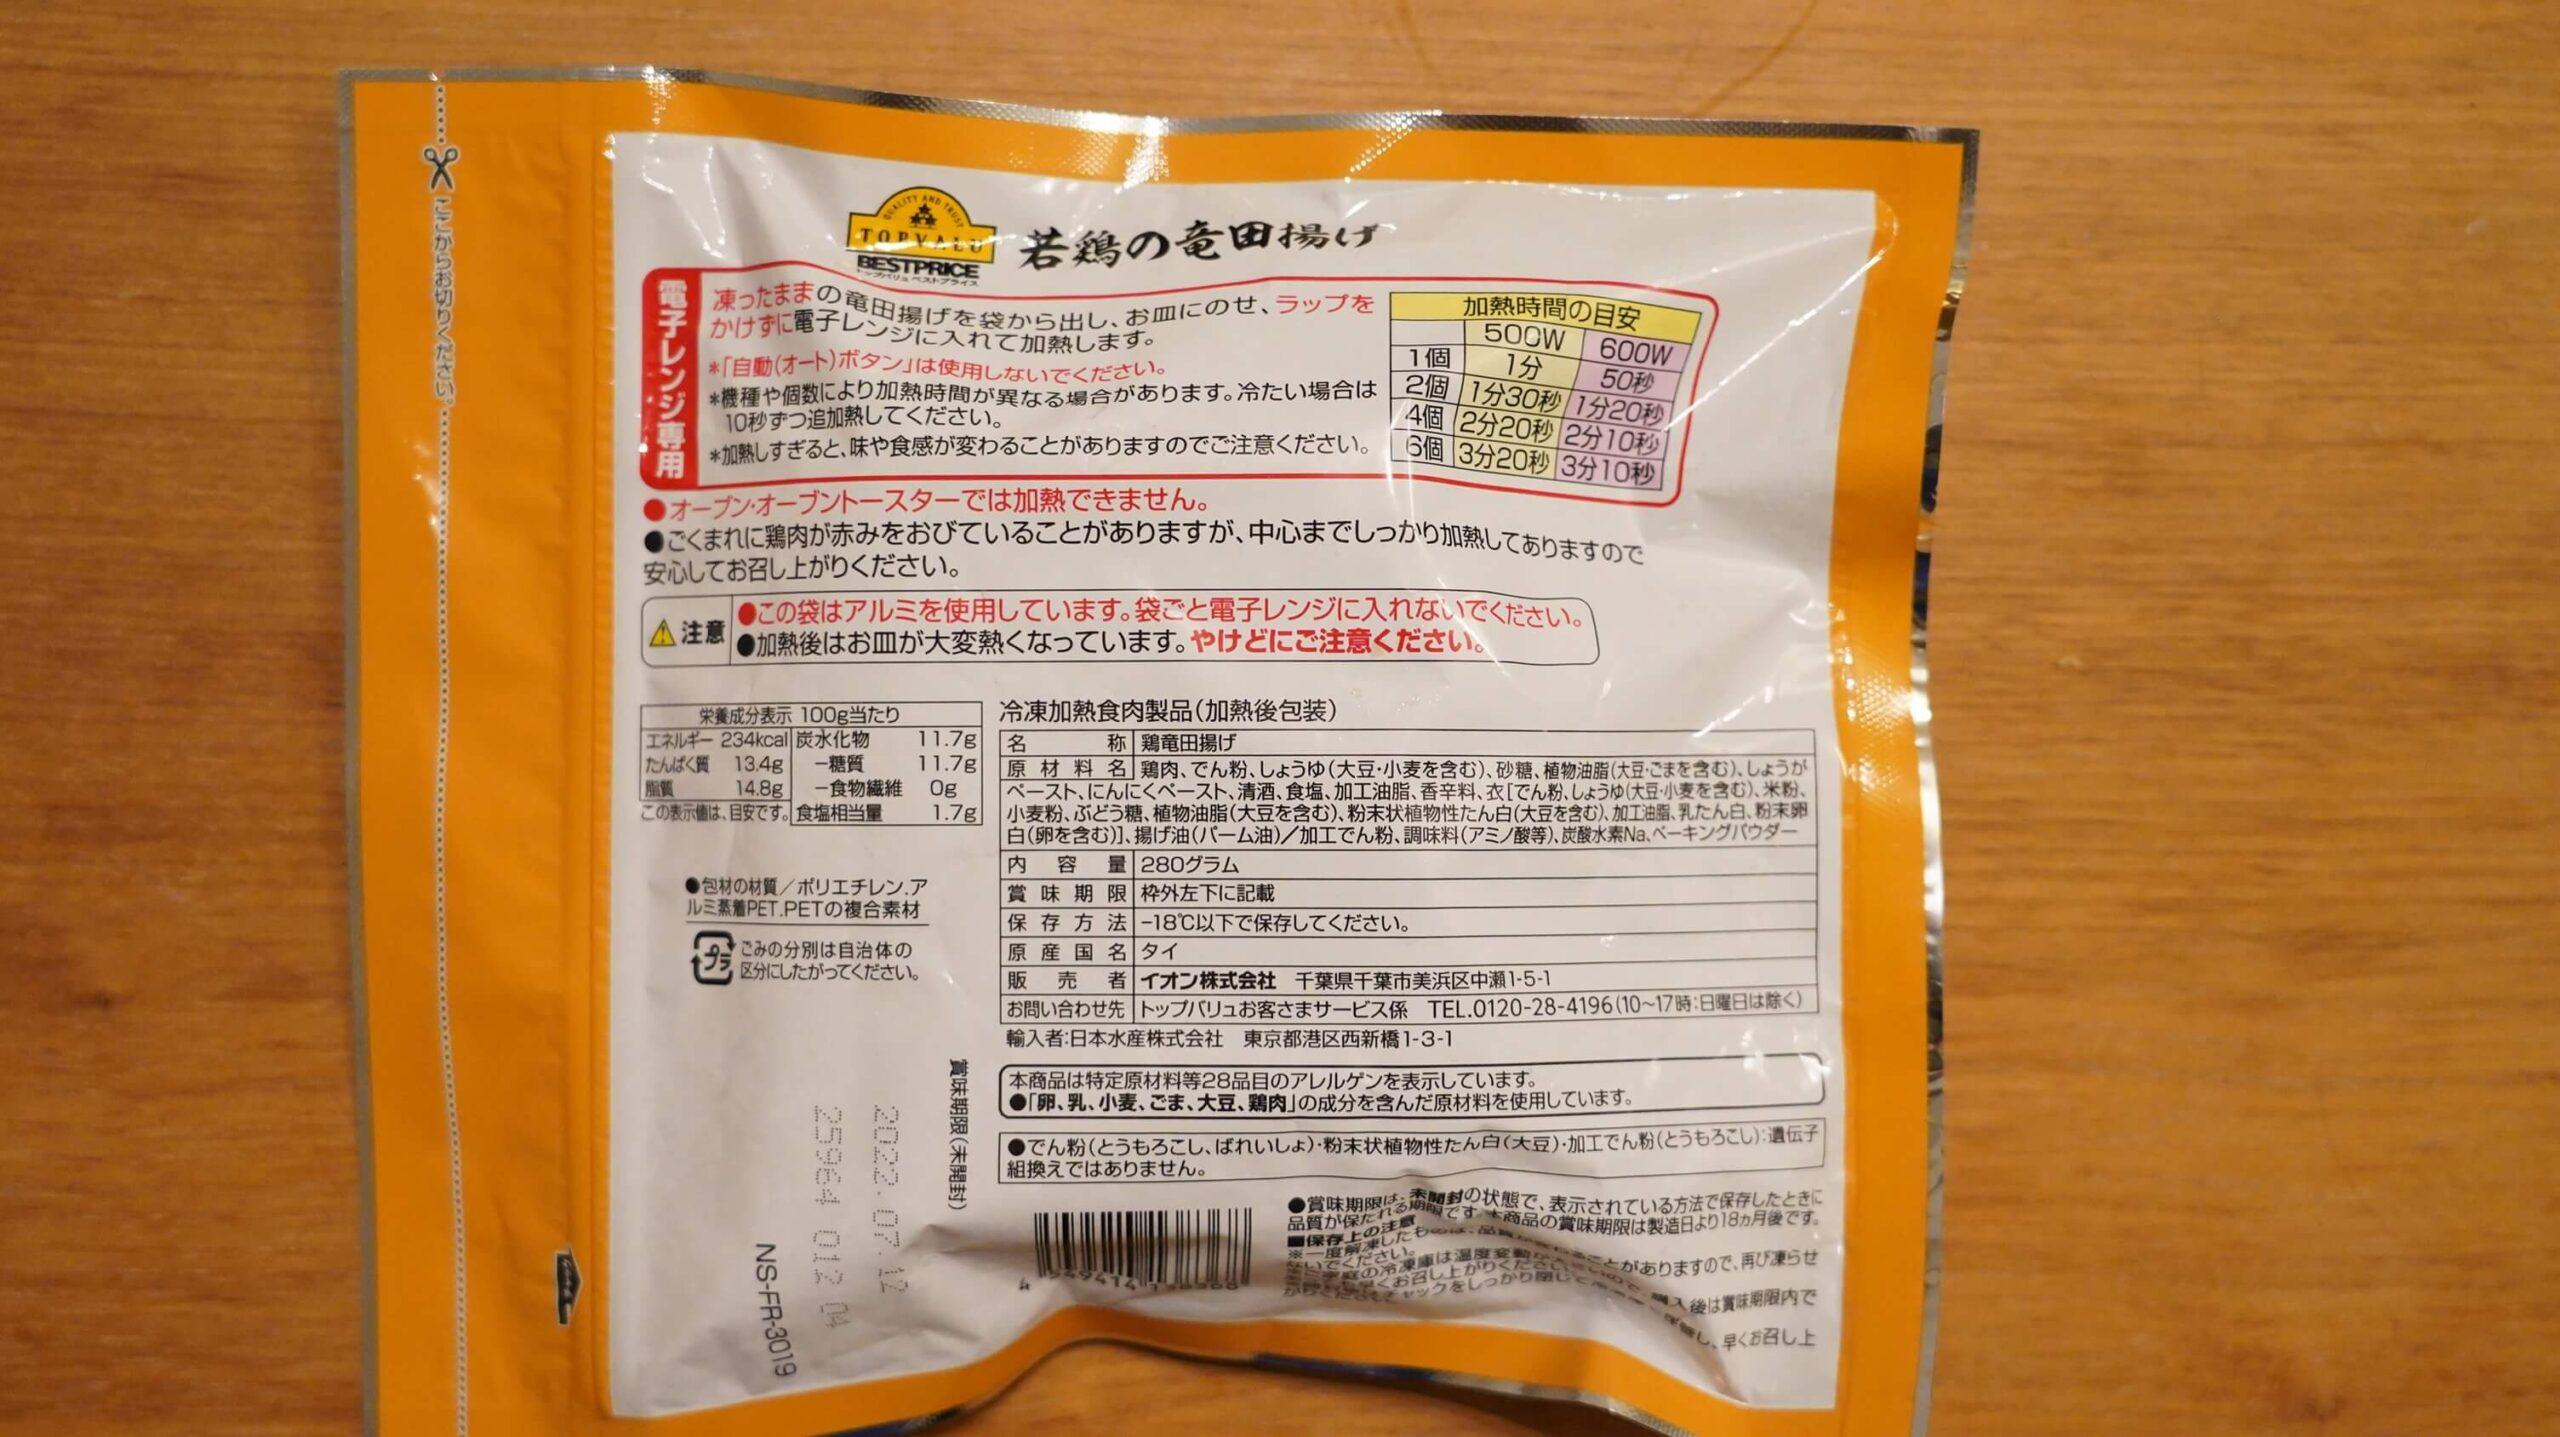 イオン・トップバリュ(TOPVALU)の冷凍食品「若鶏の竜田揚げ」のパッケージ裏面の写真